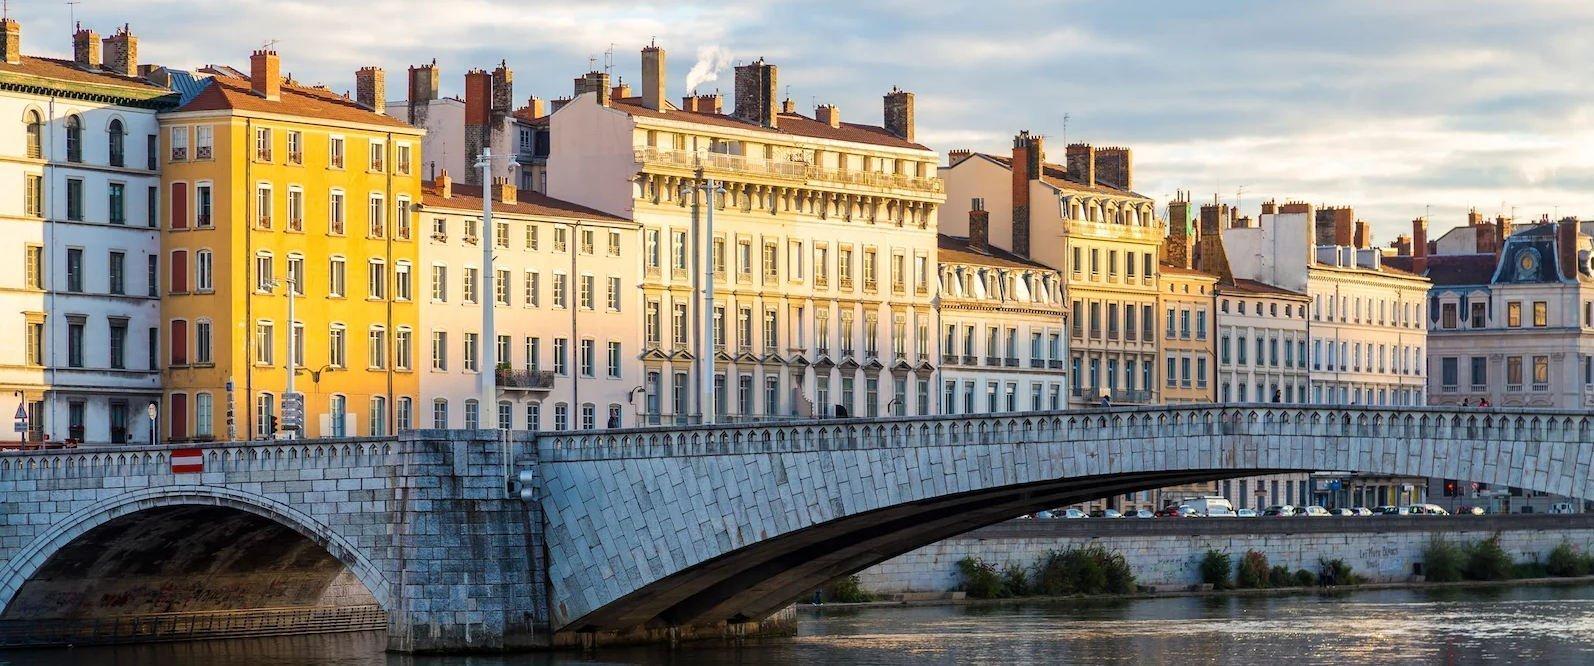 Fransa'da Lise Eğitimi